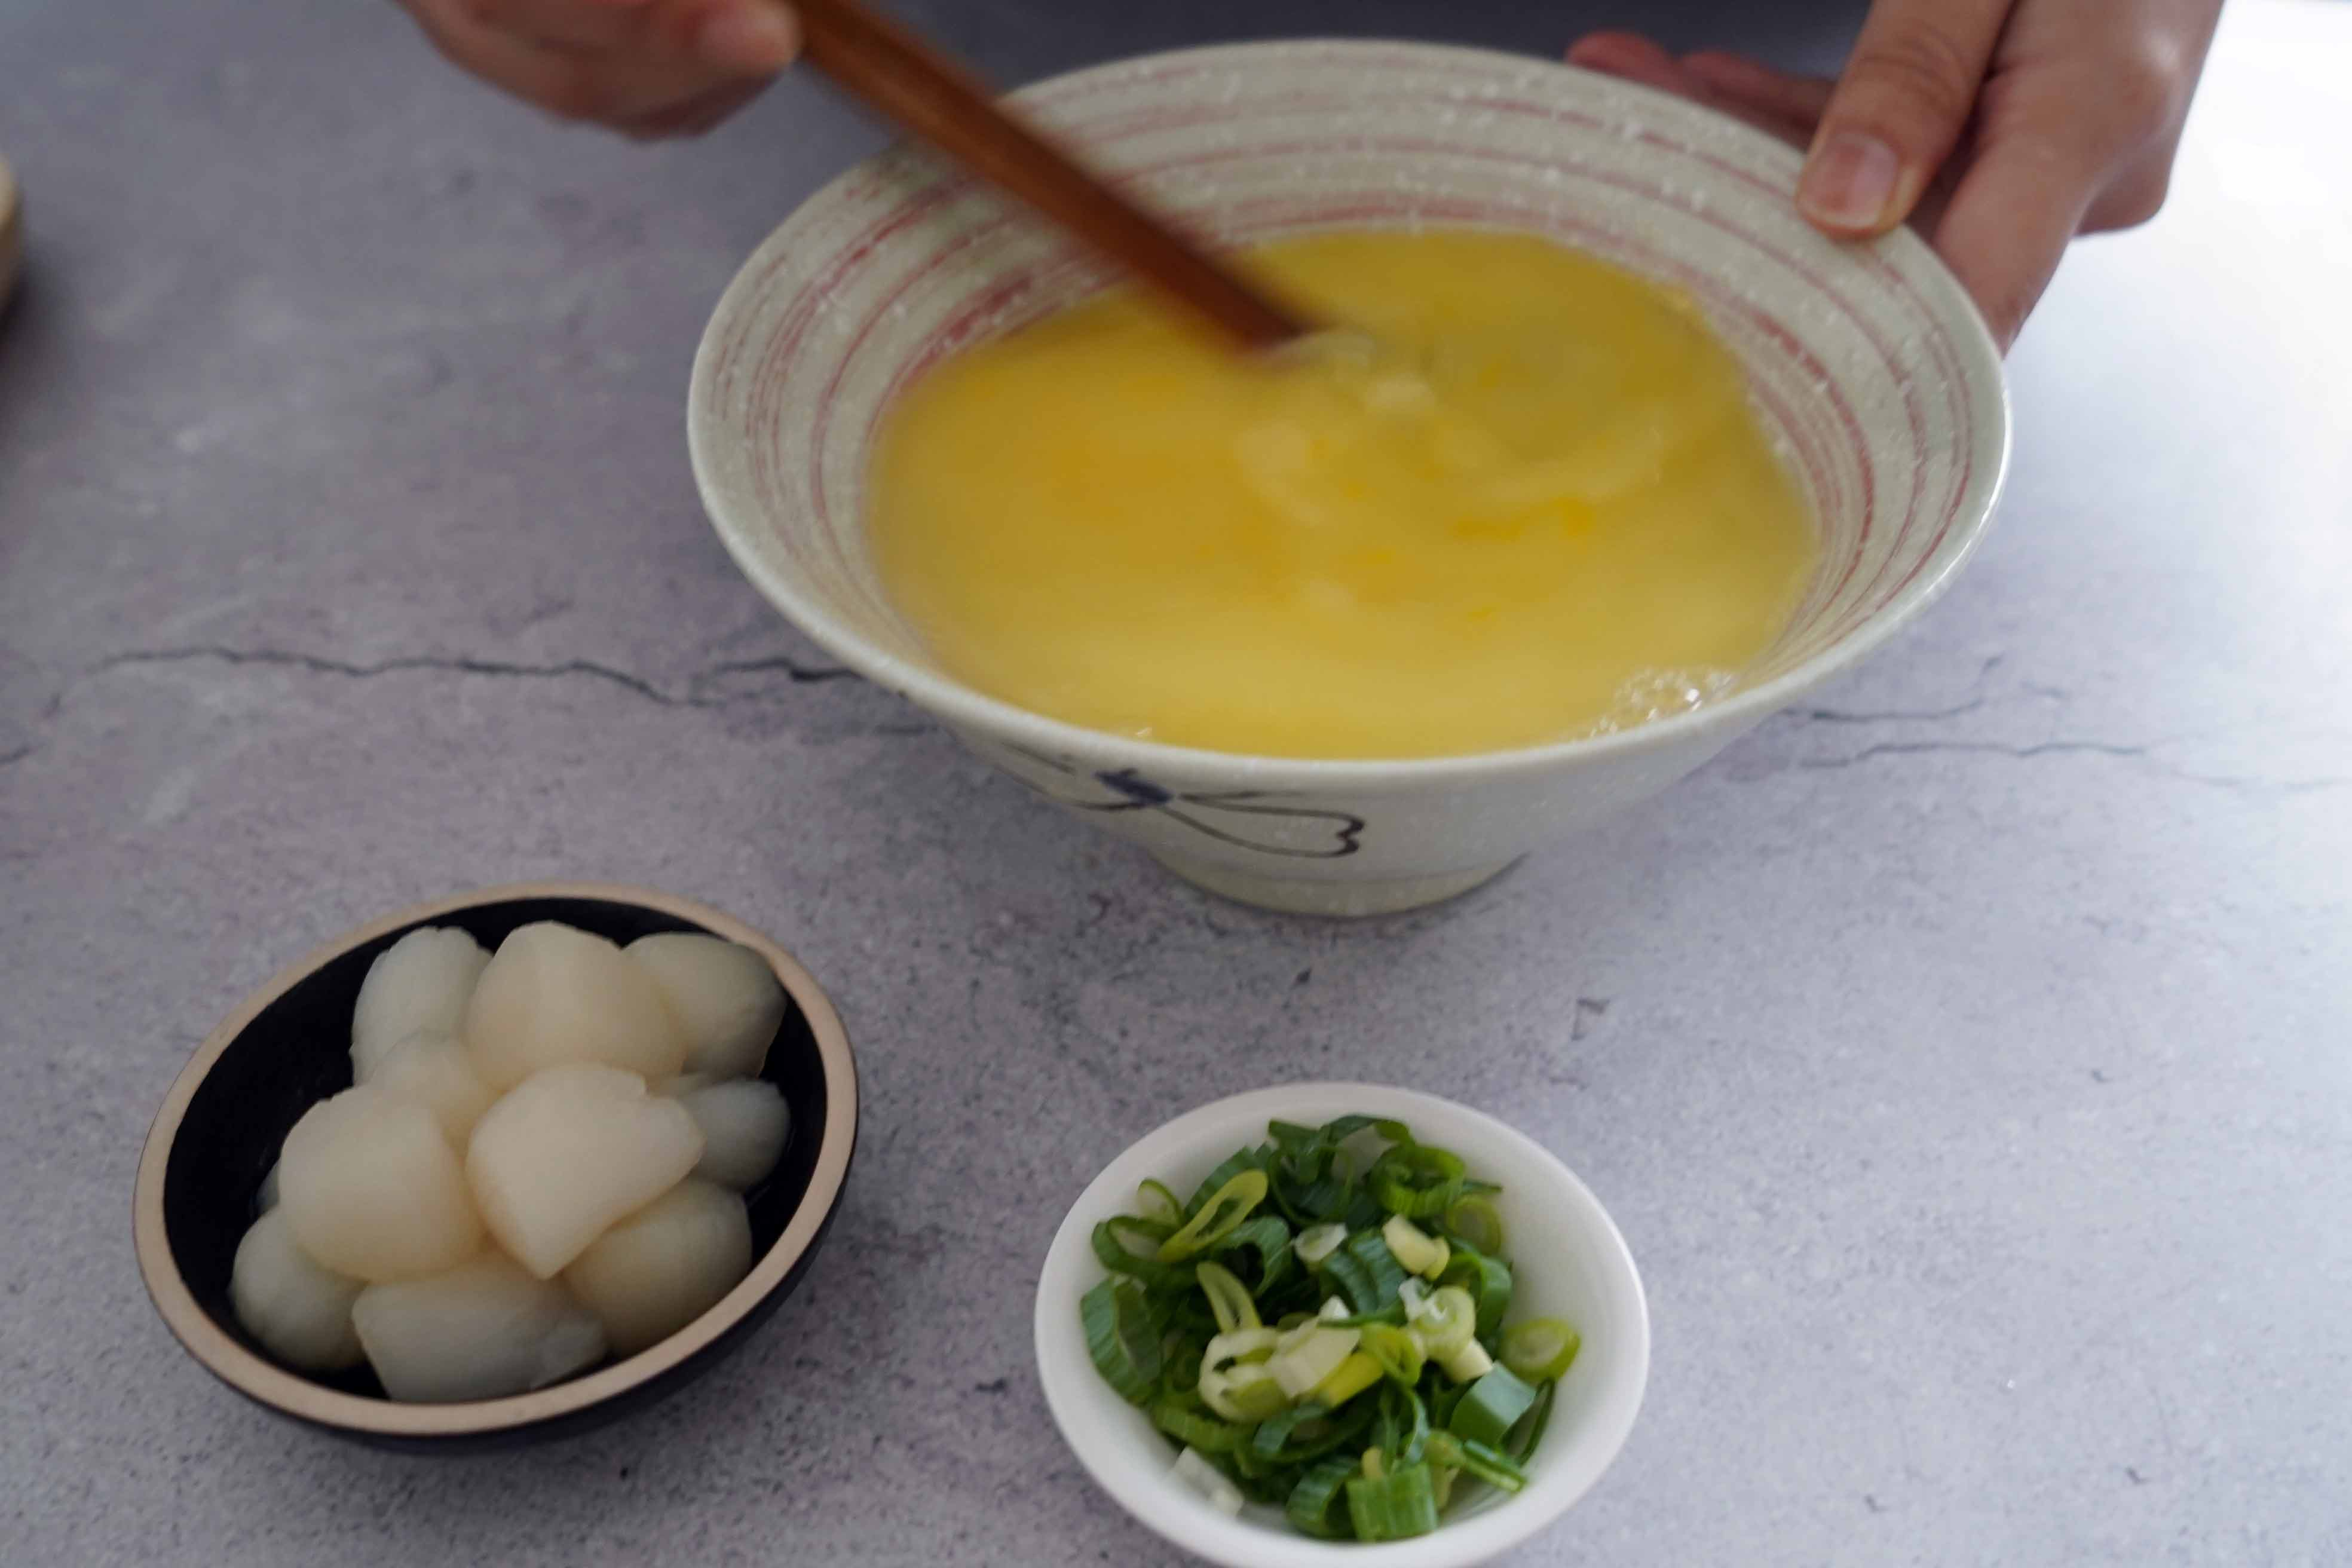 【完美蒸蛋】小干貝蒸蛋 就是這樣咕溜